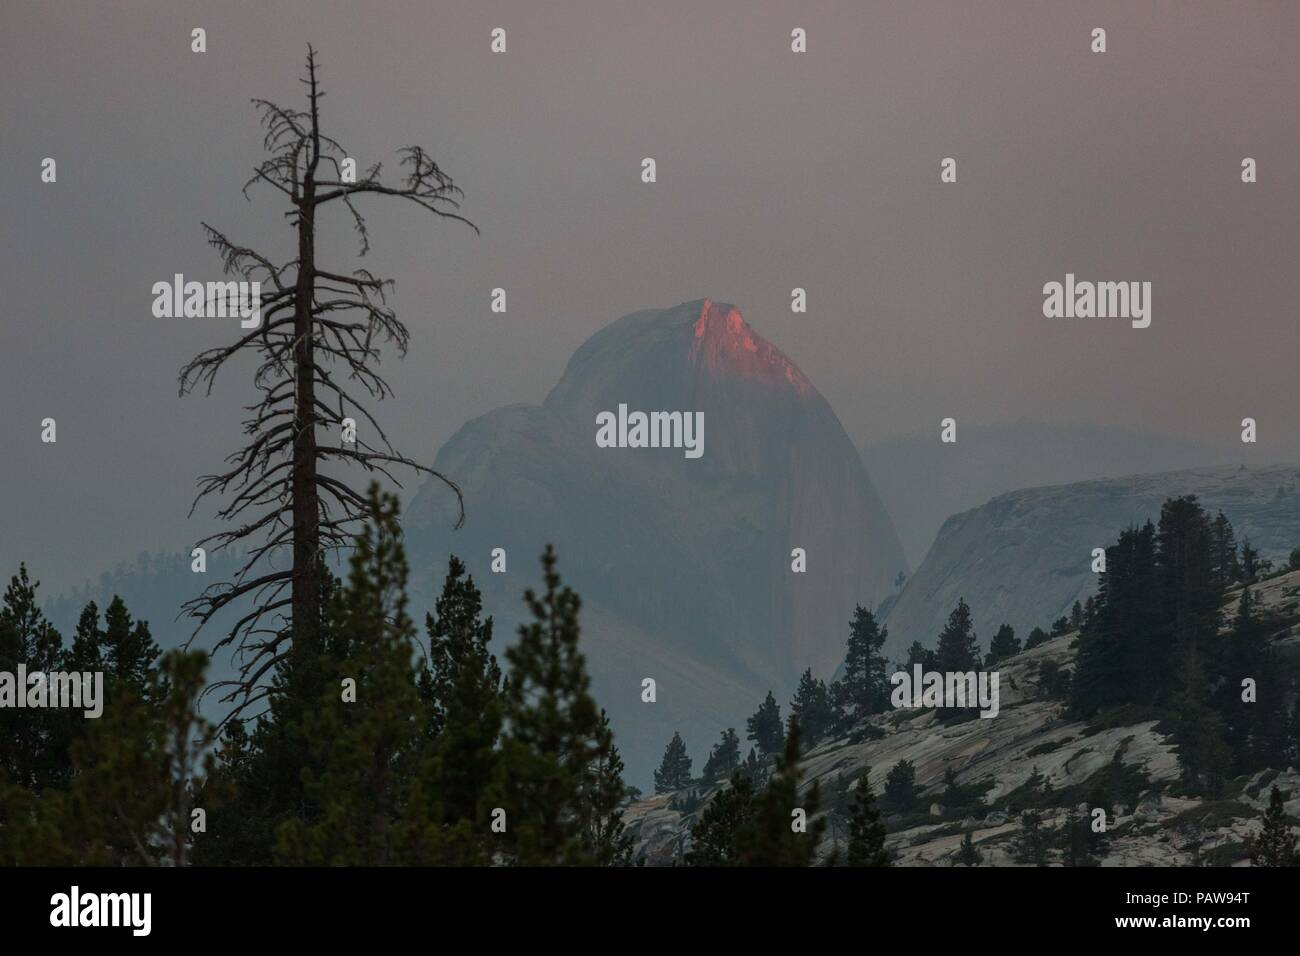 Parque Nacional Yosemite, California, USA. 24 de julio de 2018. Martes, 24 de julio de 2018.El último bit de la luz del Sol es reflejada por el Parque Nacional Yosemite icónicos característica de granito, Half Dome, visto desde el punto de vista de Olmsted mirador. Half Dome está envuelto en el humo de los incendios de Ferguson, quemando cerca del parque El portal de entrada. Crédito: Tracy Barbutes/Zuma alambre/Alamy Live News Foto de stock